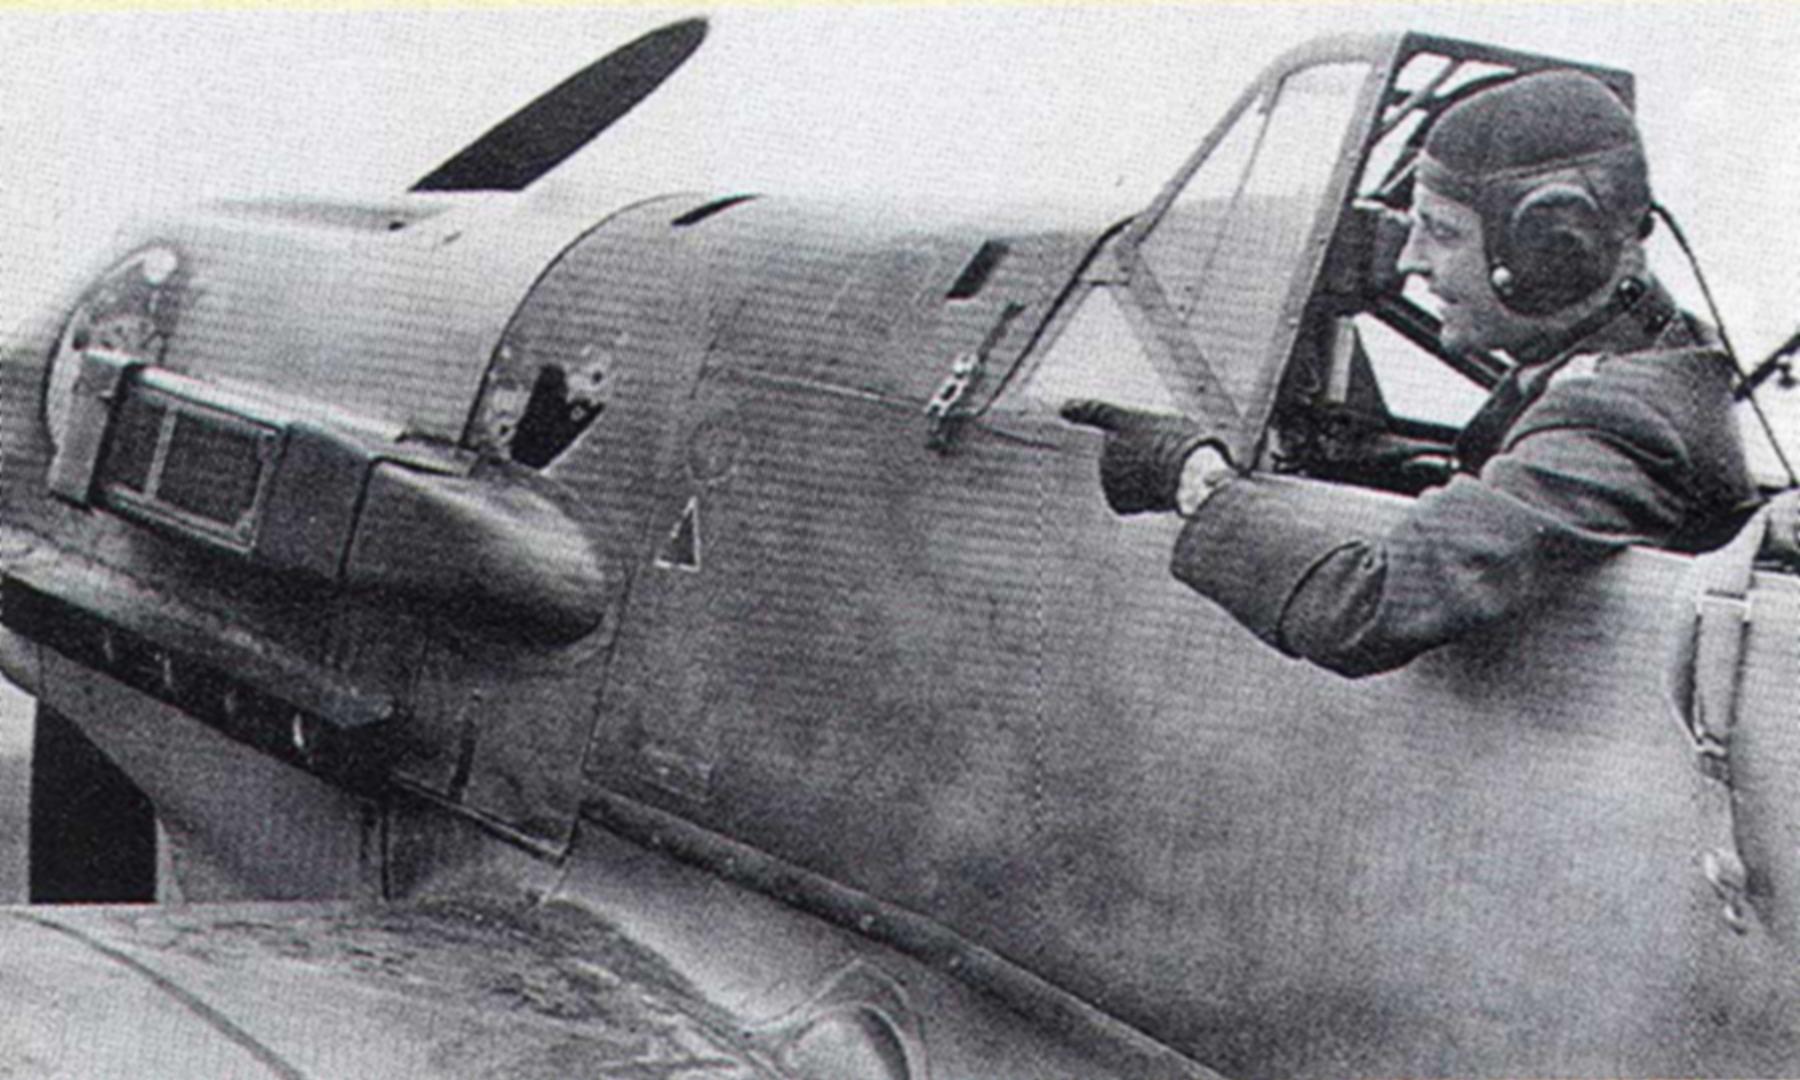 Messerschmitt Bf 109E4Trop 3.JG27 Hans Joachim Marseile April 6 1941 01